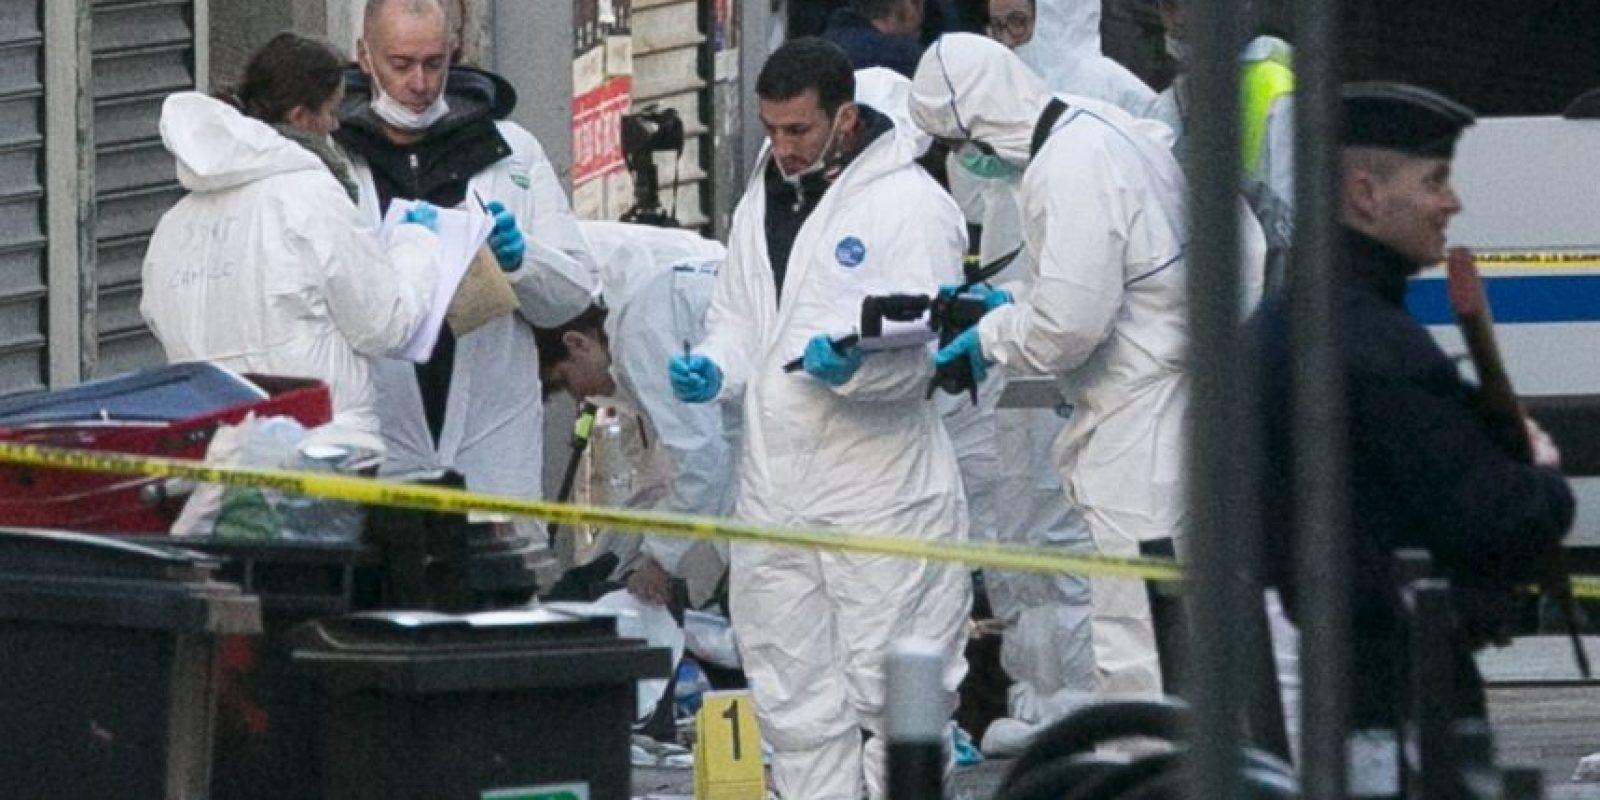 Equipos especiales llegaron al lugar para investigar. Foto:Getty Images